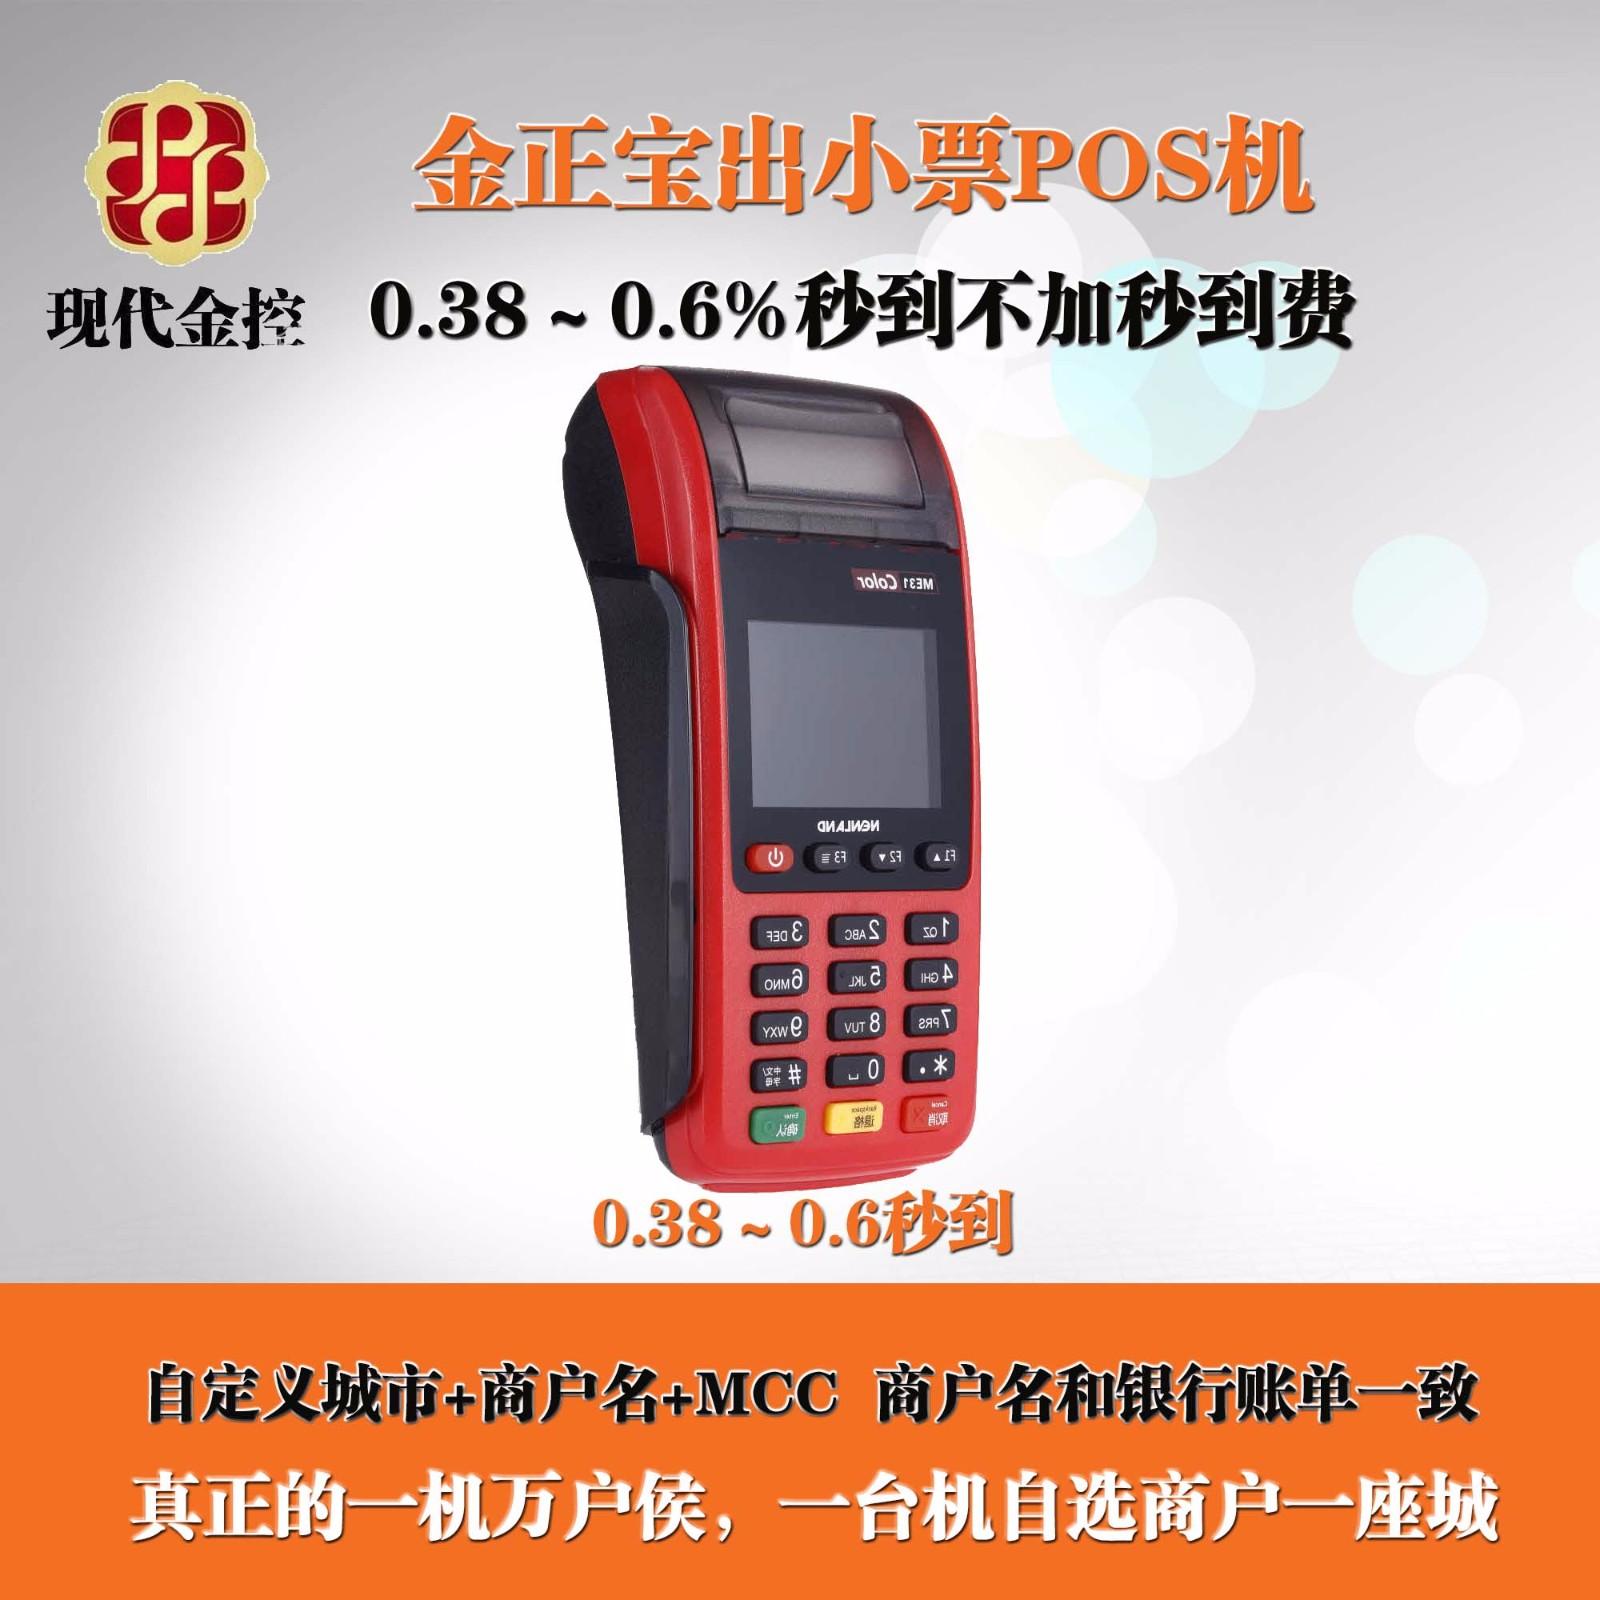 一清pos机_一清收款pos机免费领_广州星润科技有限公司